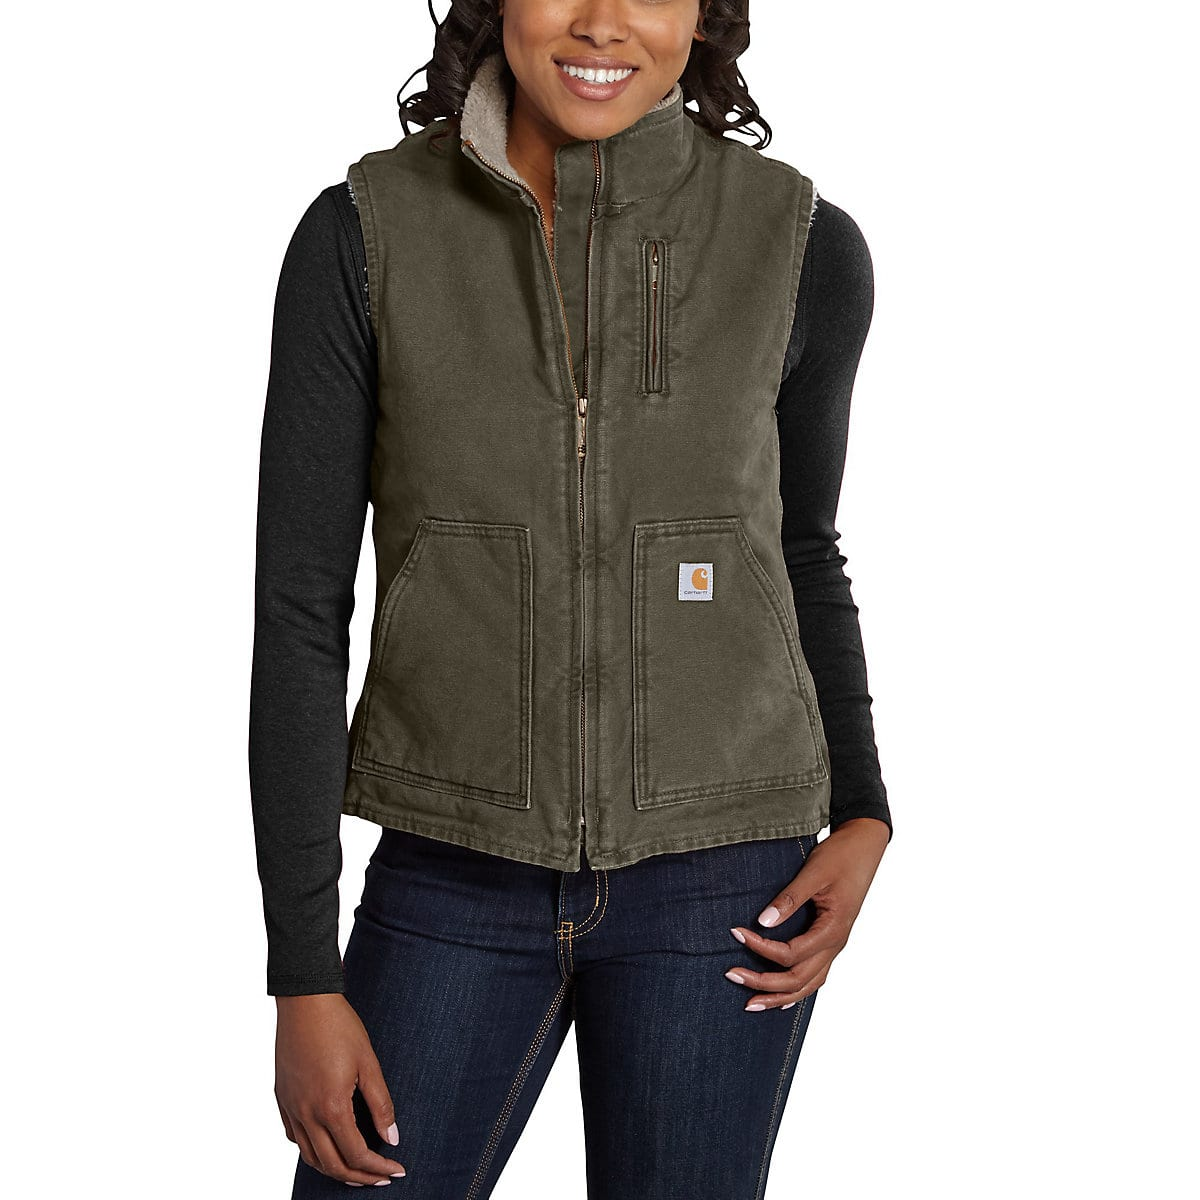 c113d3540 Women s Sandstone Mock-Neck Vest Sherpa-Lined WV001